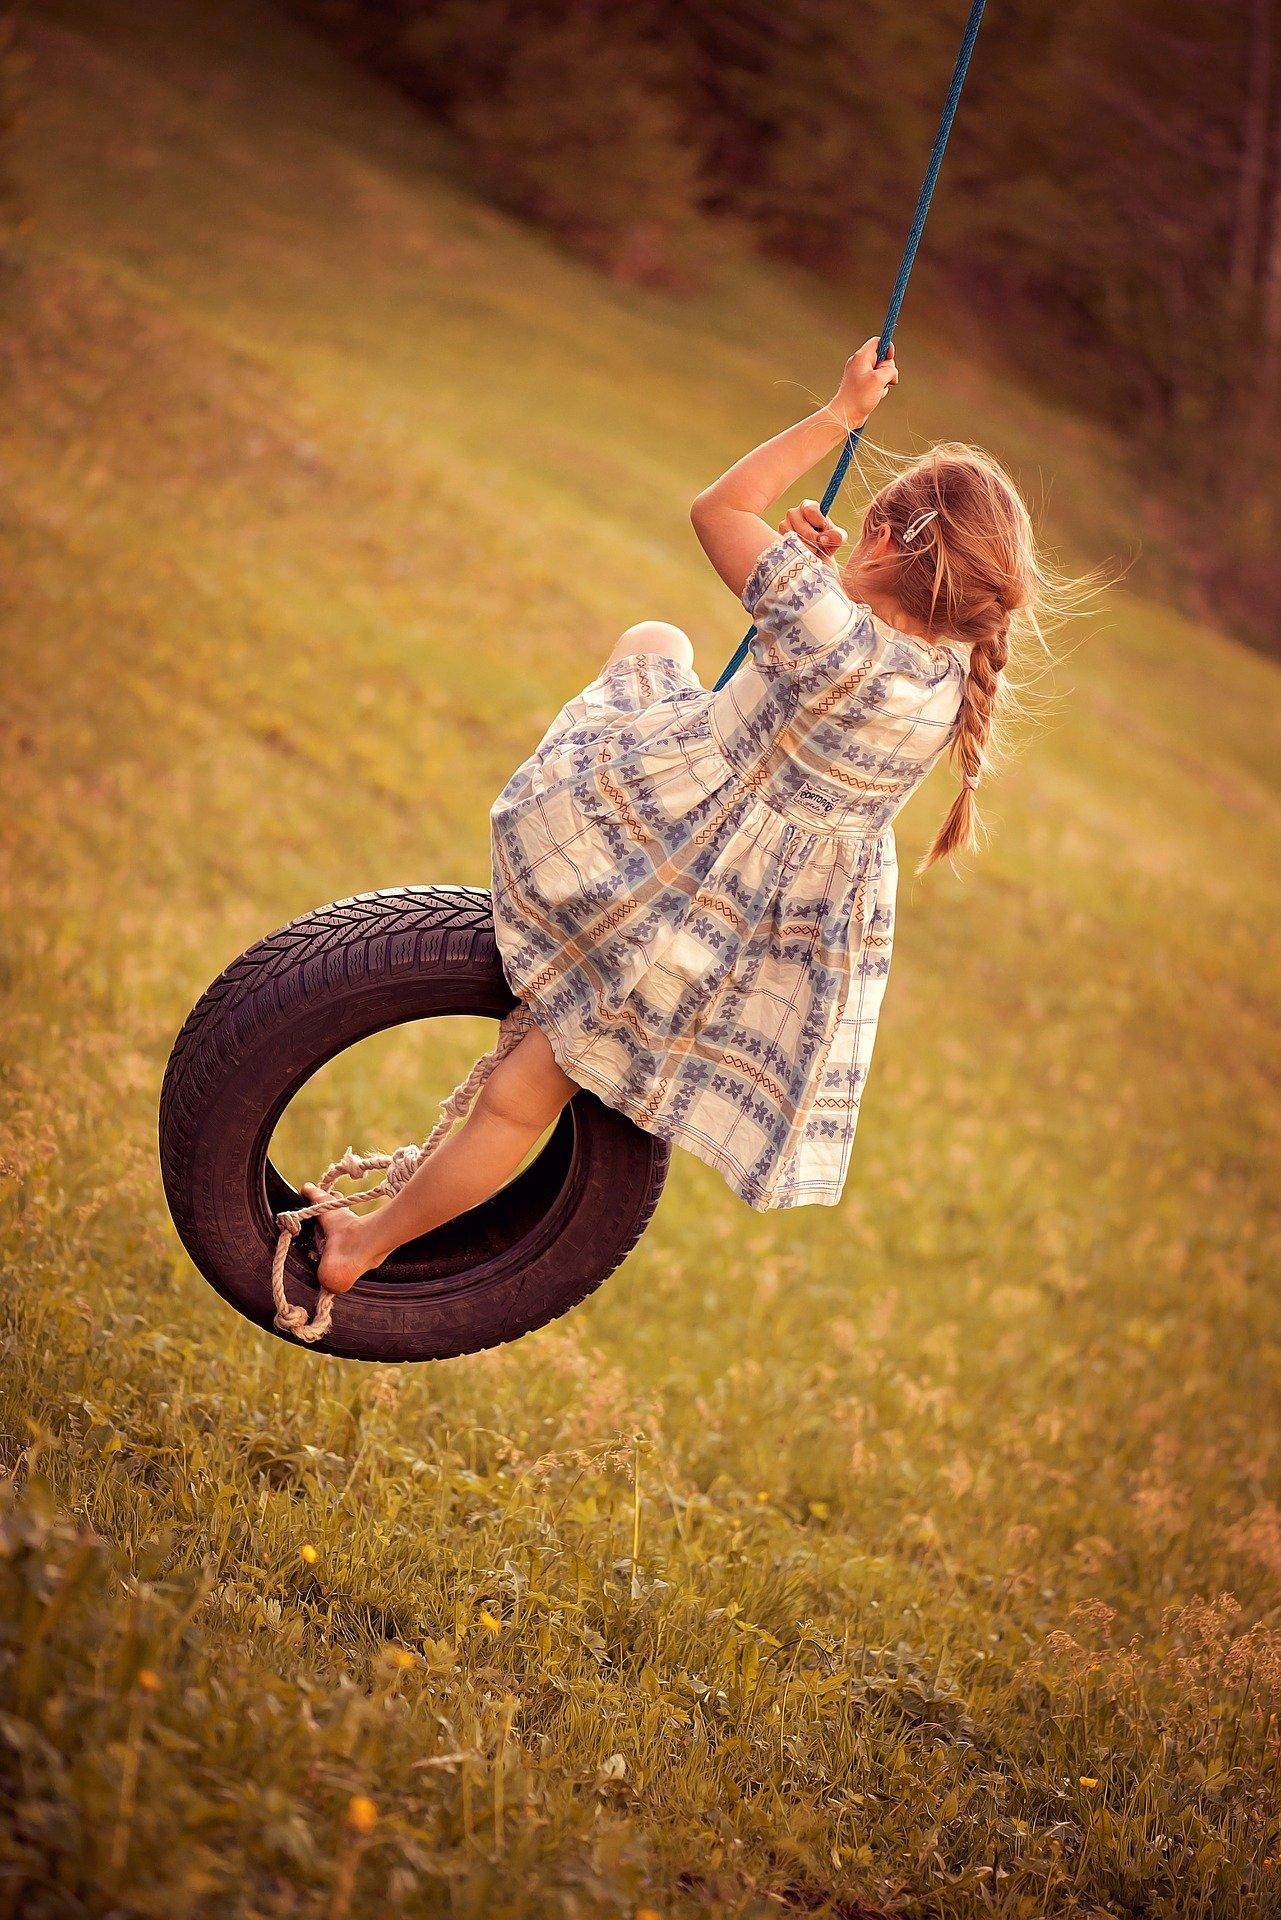 Corpo in movimento: un'occasione educativa